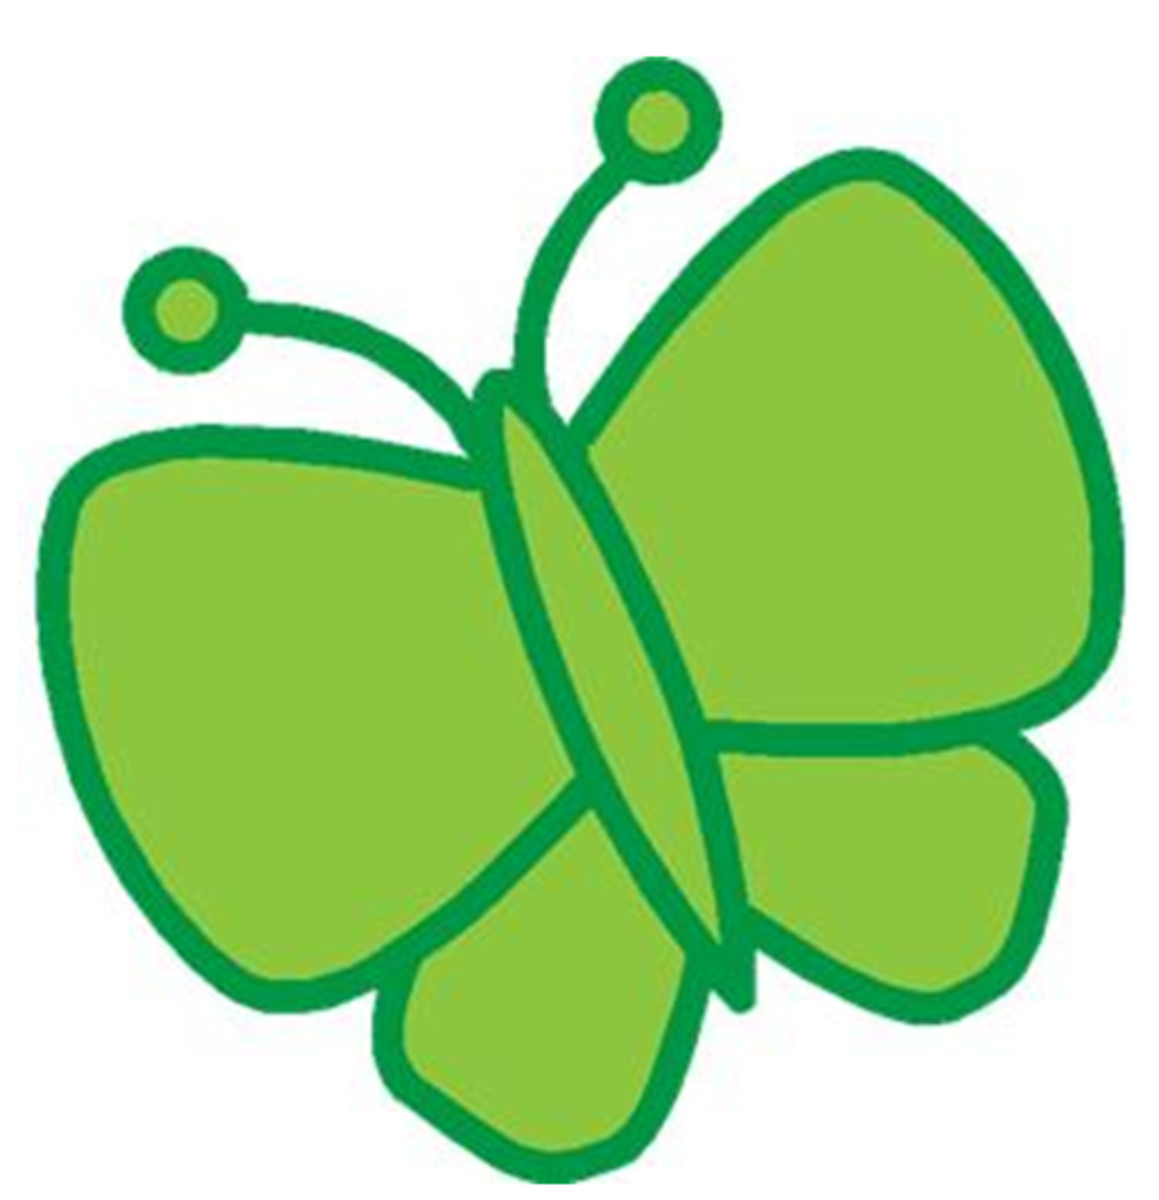 Big Green Clip Art Butterfly